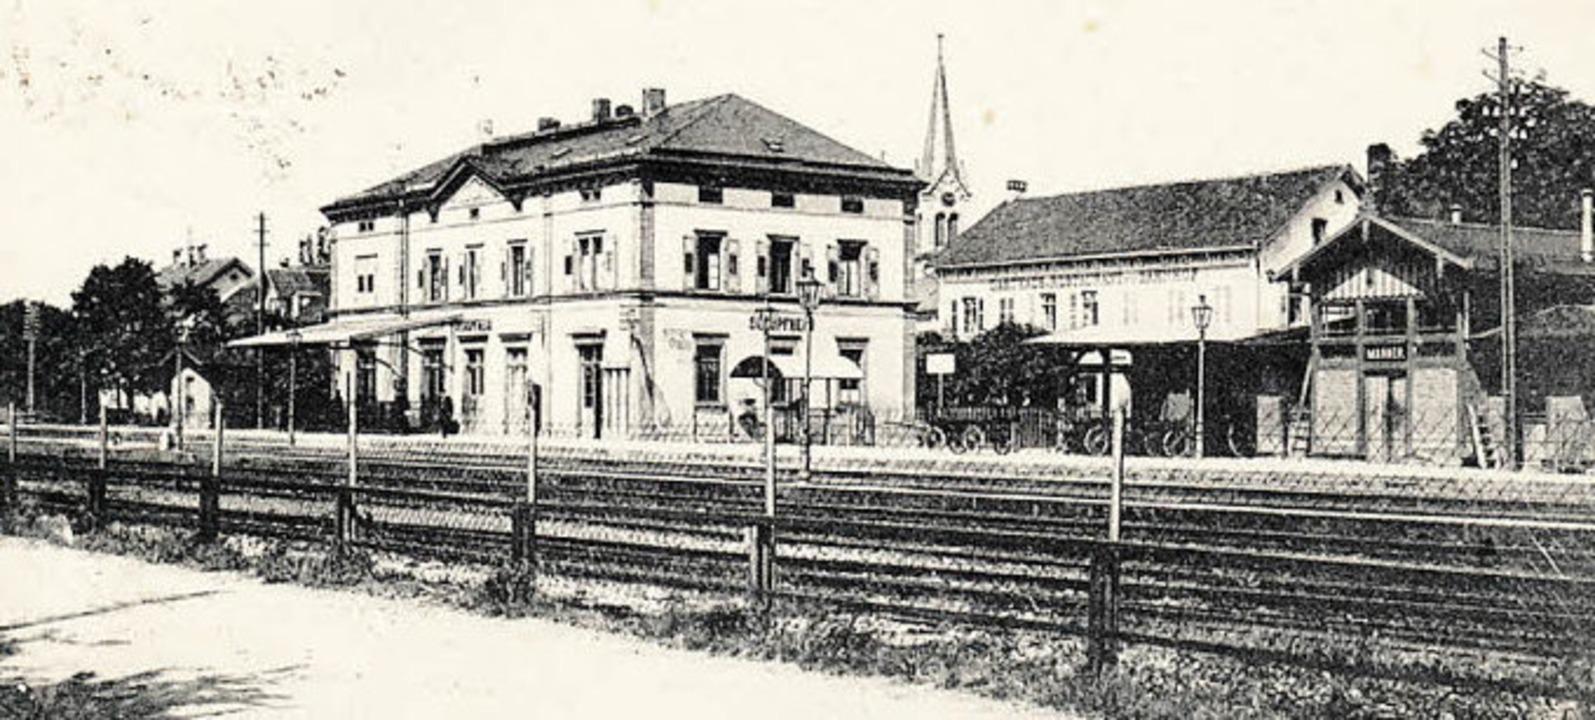 Vom 1862 gebauten Wiesentalbahnhof in ...erung und deren Eisenbahnverwaltung.    | Foto:  Archiv Ernst Brugger